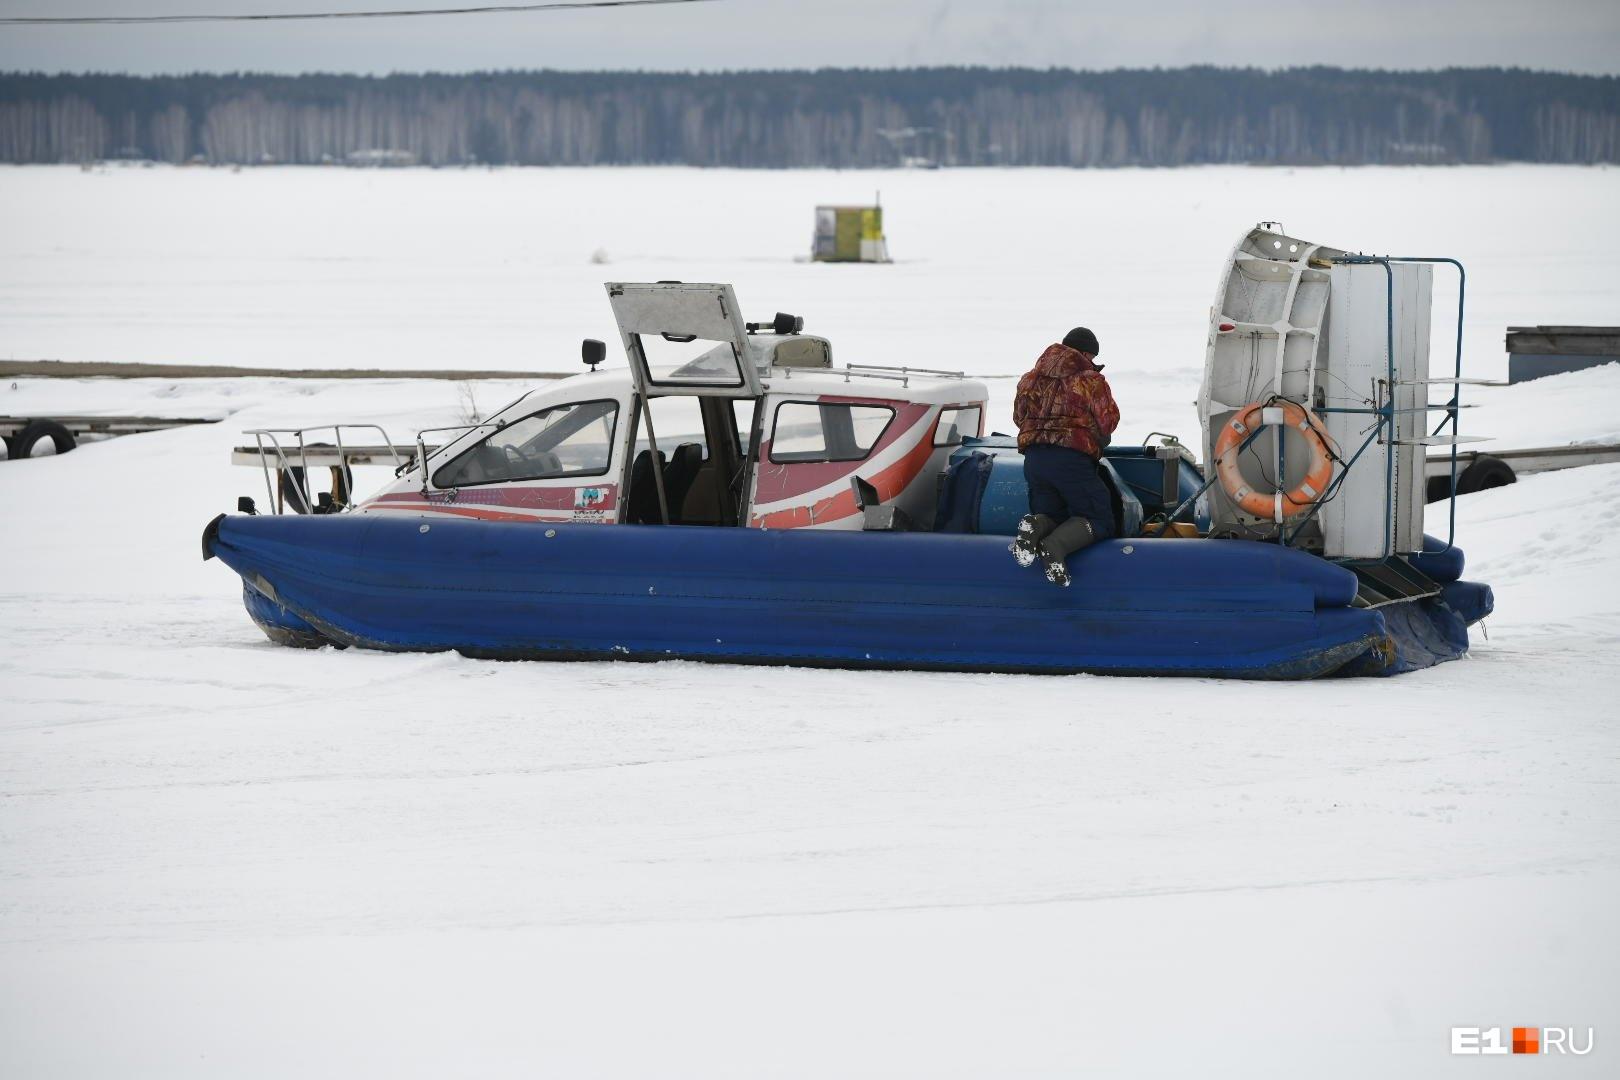 Одна из трех лодок, на которых эвакуировали рыбаков